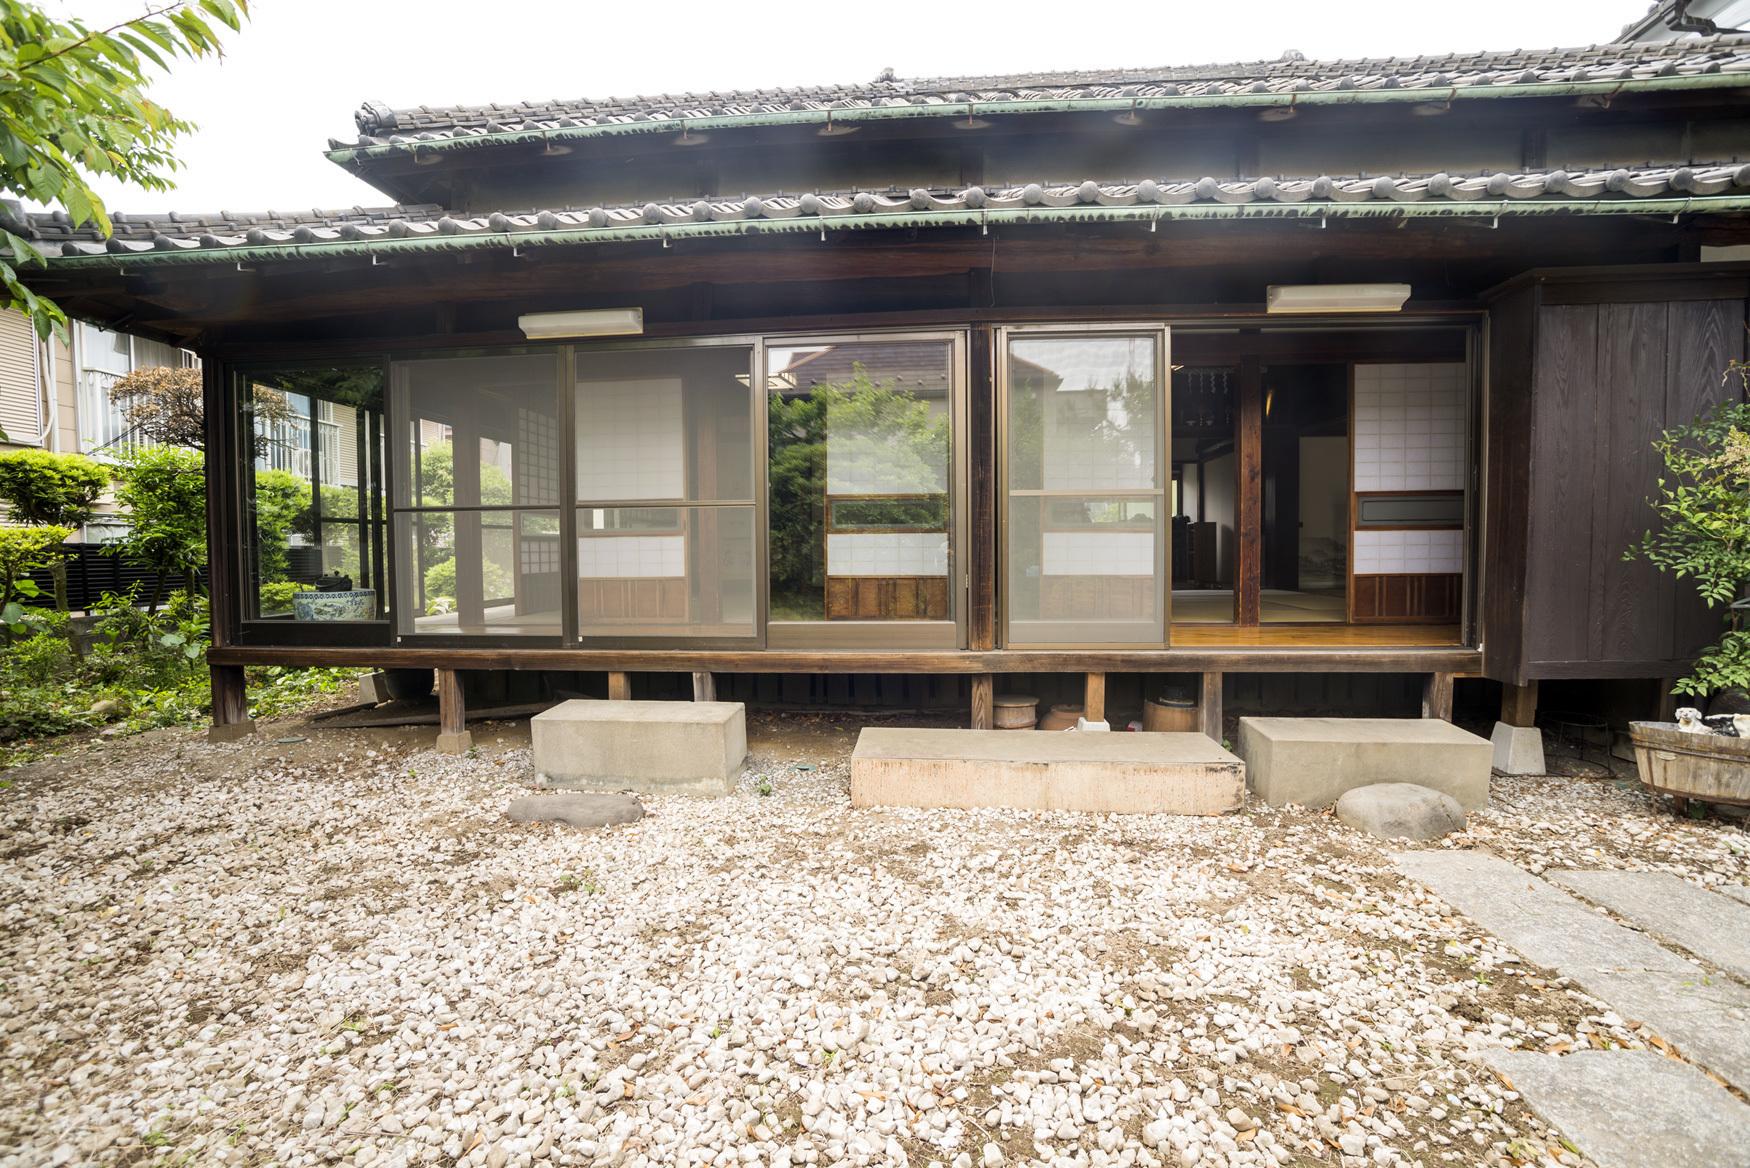 古民家冨田邸、都内で珍しい由緒ある古い建物です。 の写真